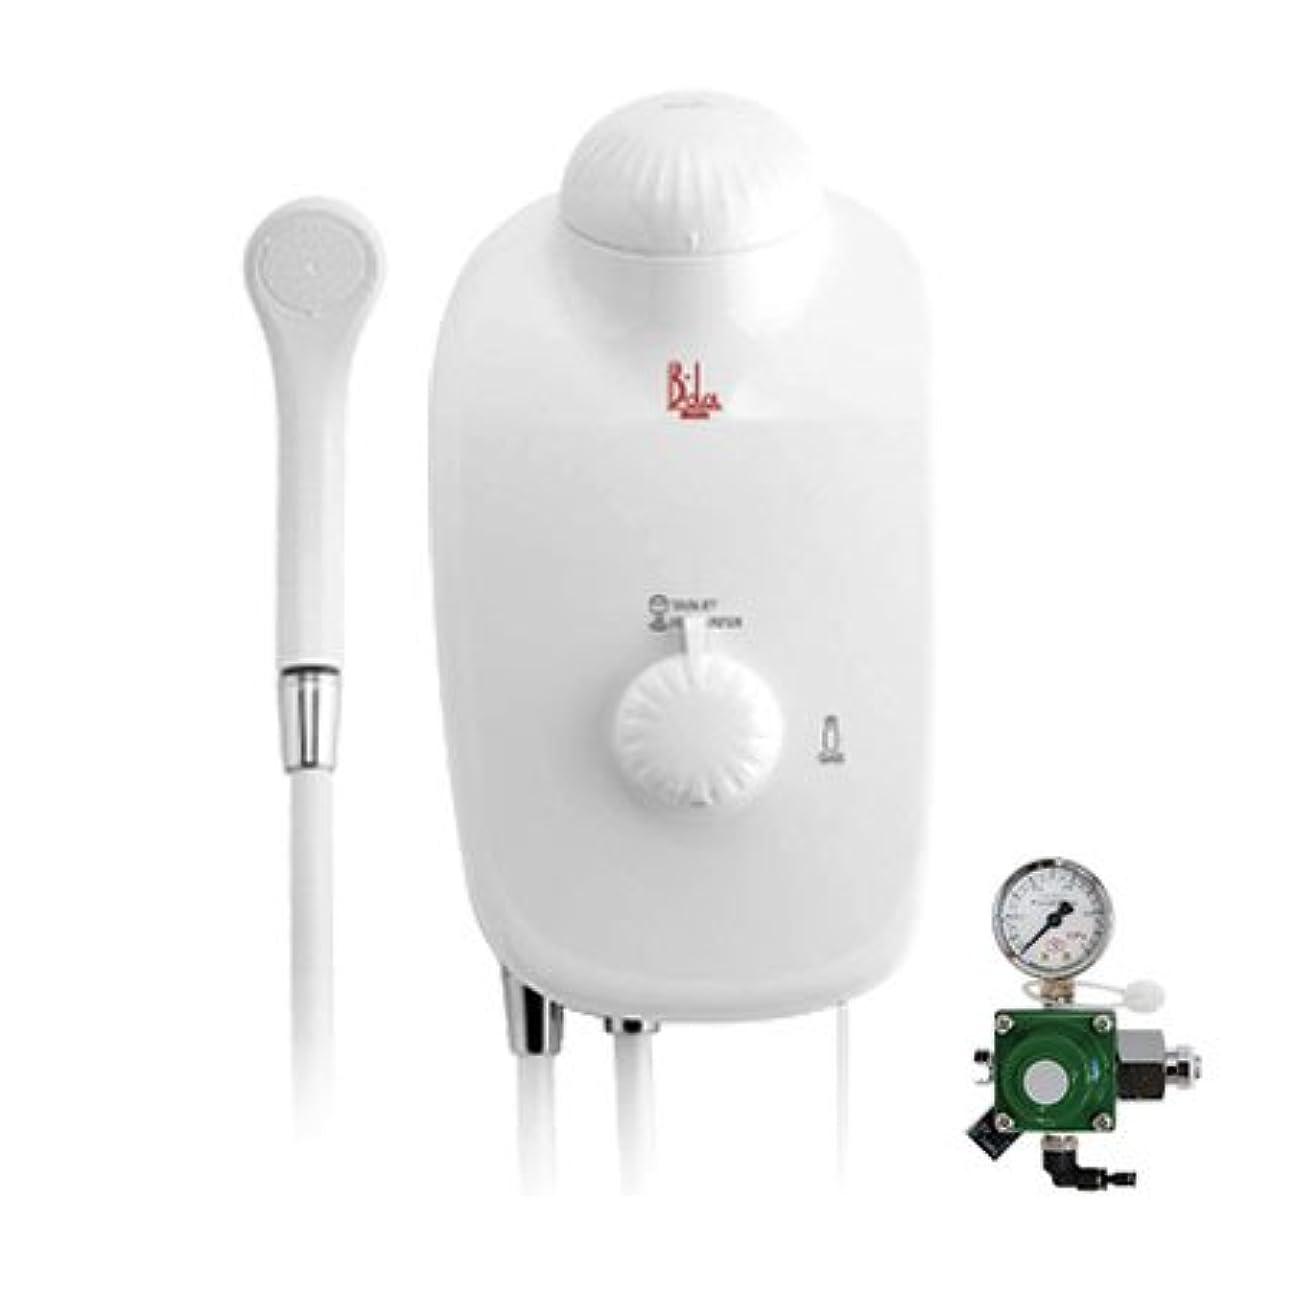 メロドラマティック慢なパフ高濃度炭酸泉装置 B-da(ビーダ)本体セット?ガス圧調節器付き